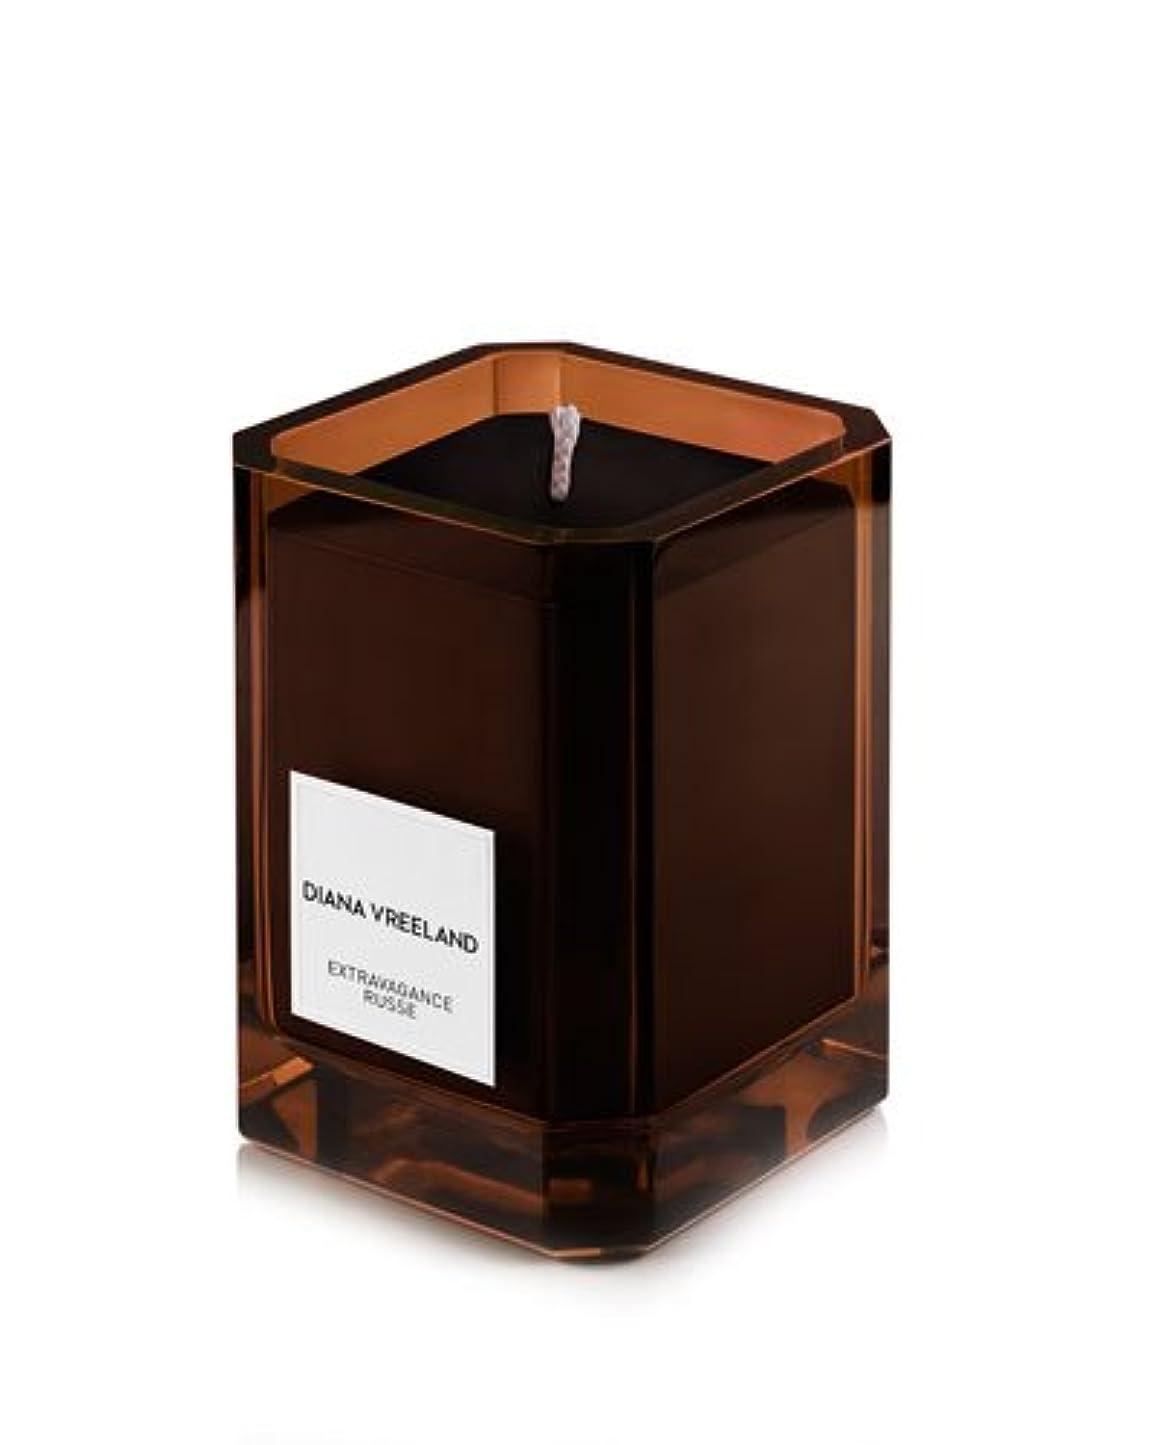 最後に飼料バレエDiana Vreeland Extravagance Russe(ダイアナ ヴリーランド エクストラバガンス リュス) 9.7 oz (291ml) Candle (香りつきキャンドル)